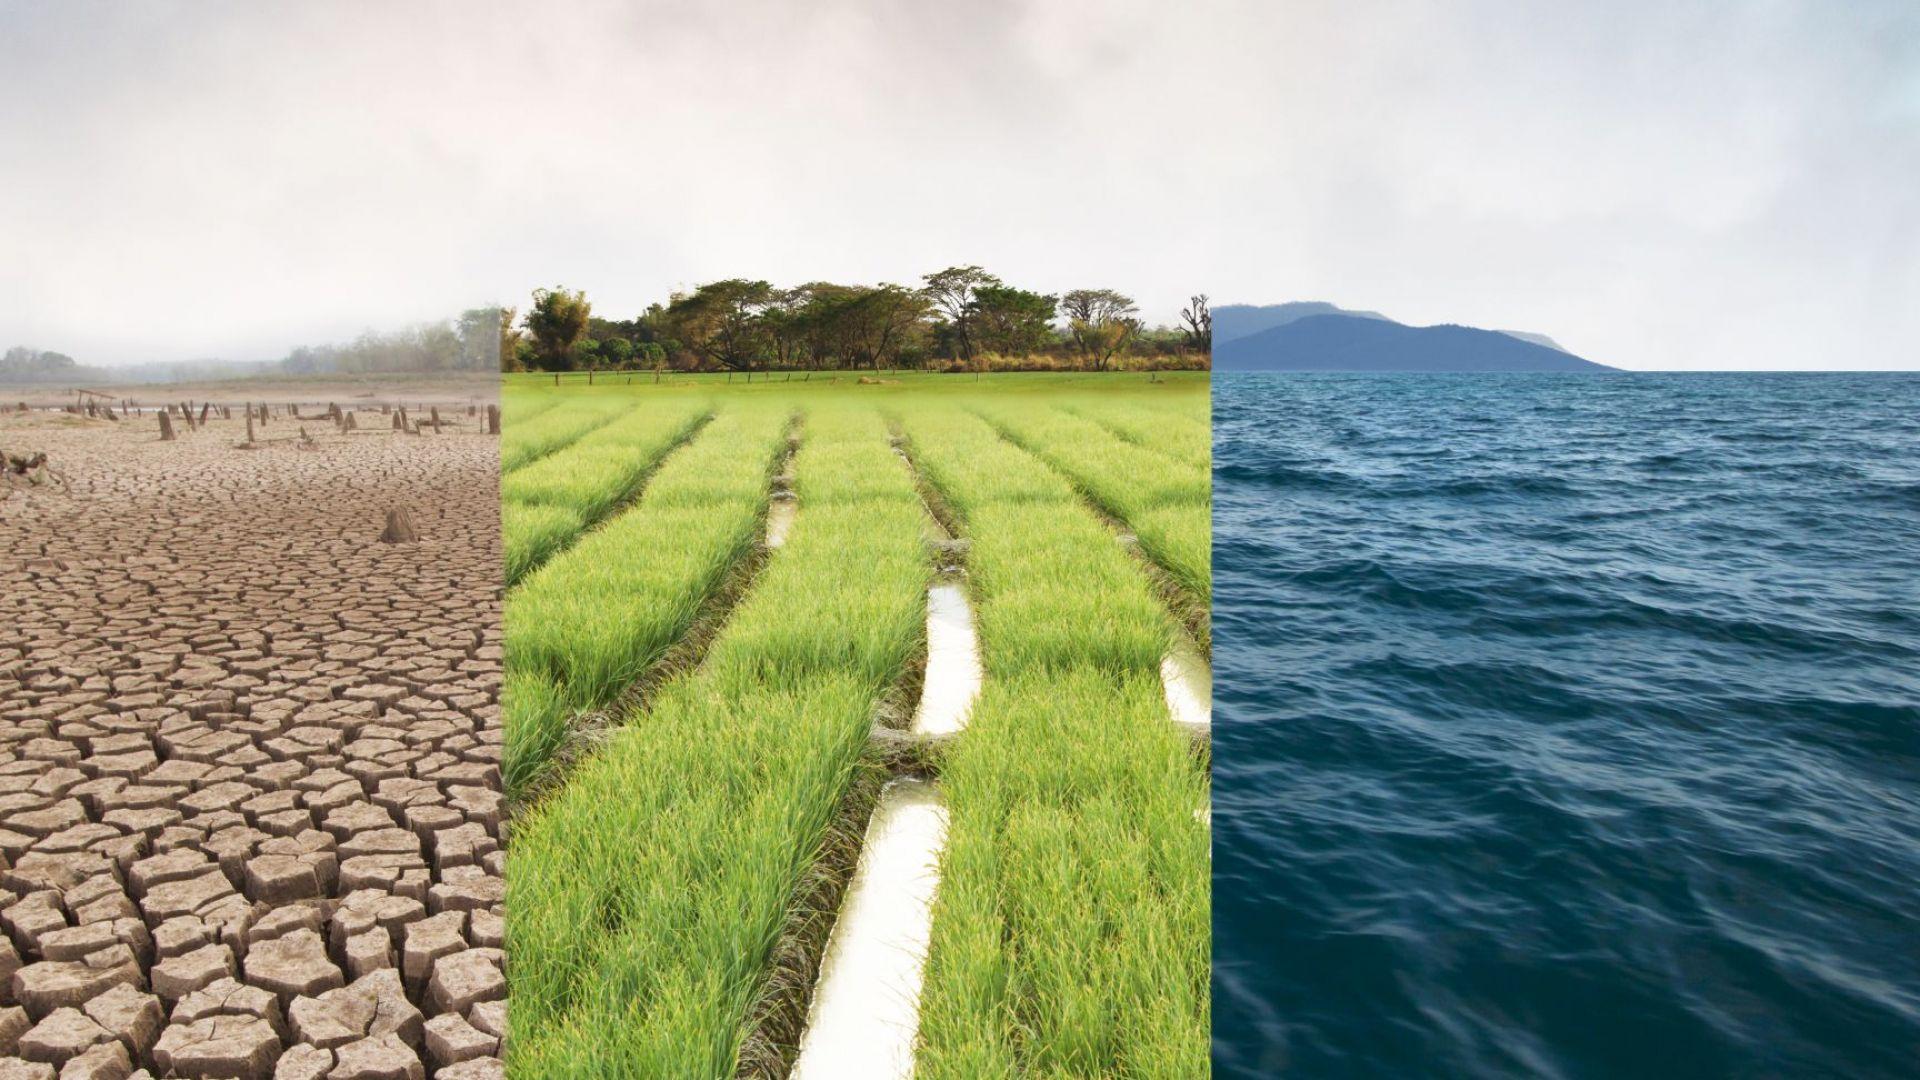 Възстановяване или сив застой за 4.4 млрд. лева: новата дилема след COVID-19